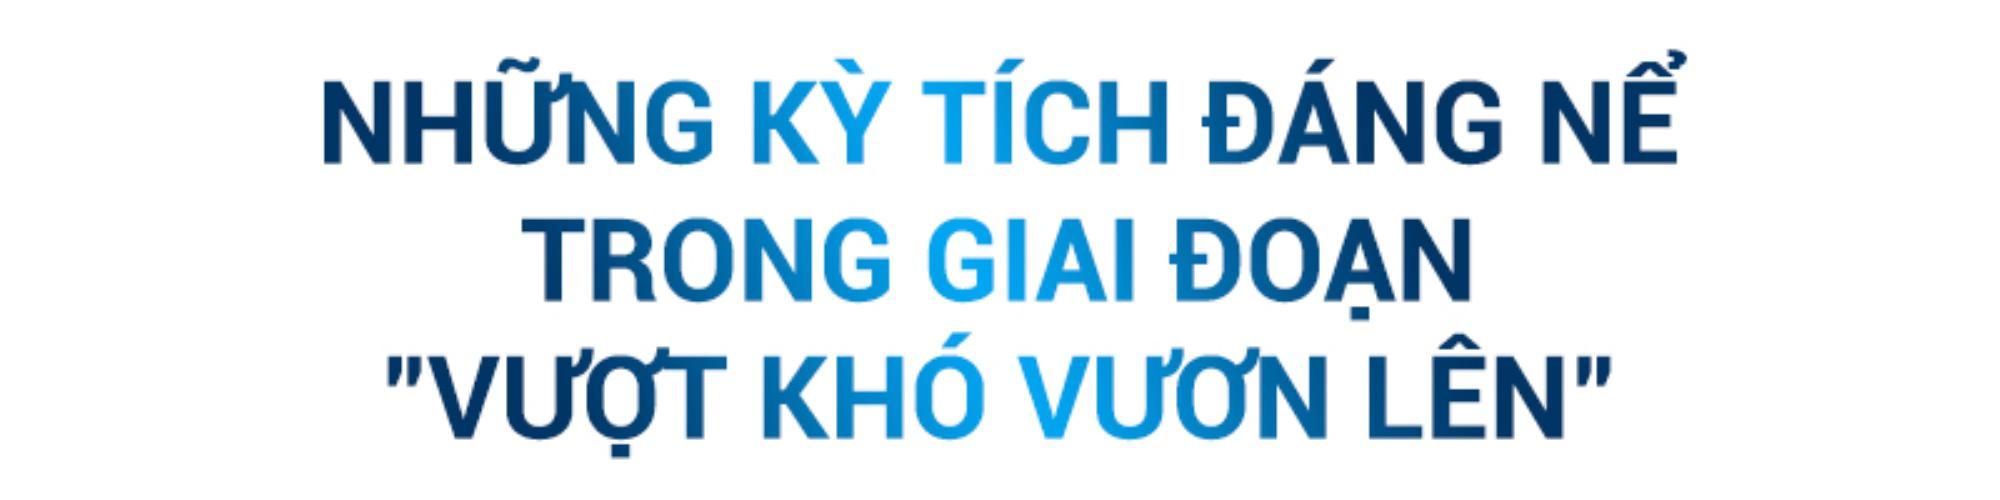 Rạp Việt nửa đầu năm 2021: Những thành tựu 'vượt khó vươn lên' và lời cầu cứu còn bỏ ngỏ Ảnh 6